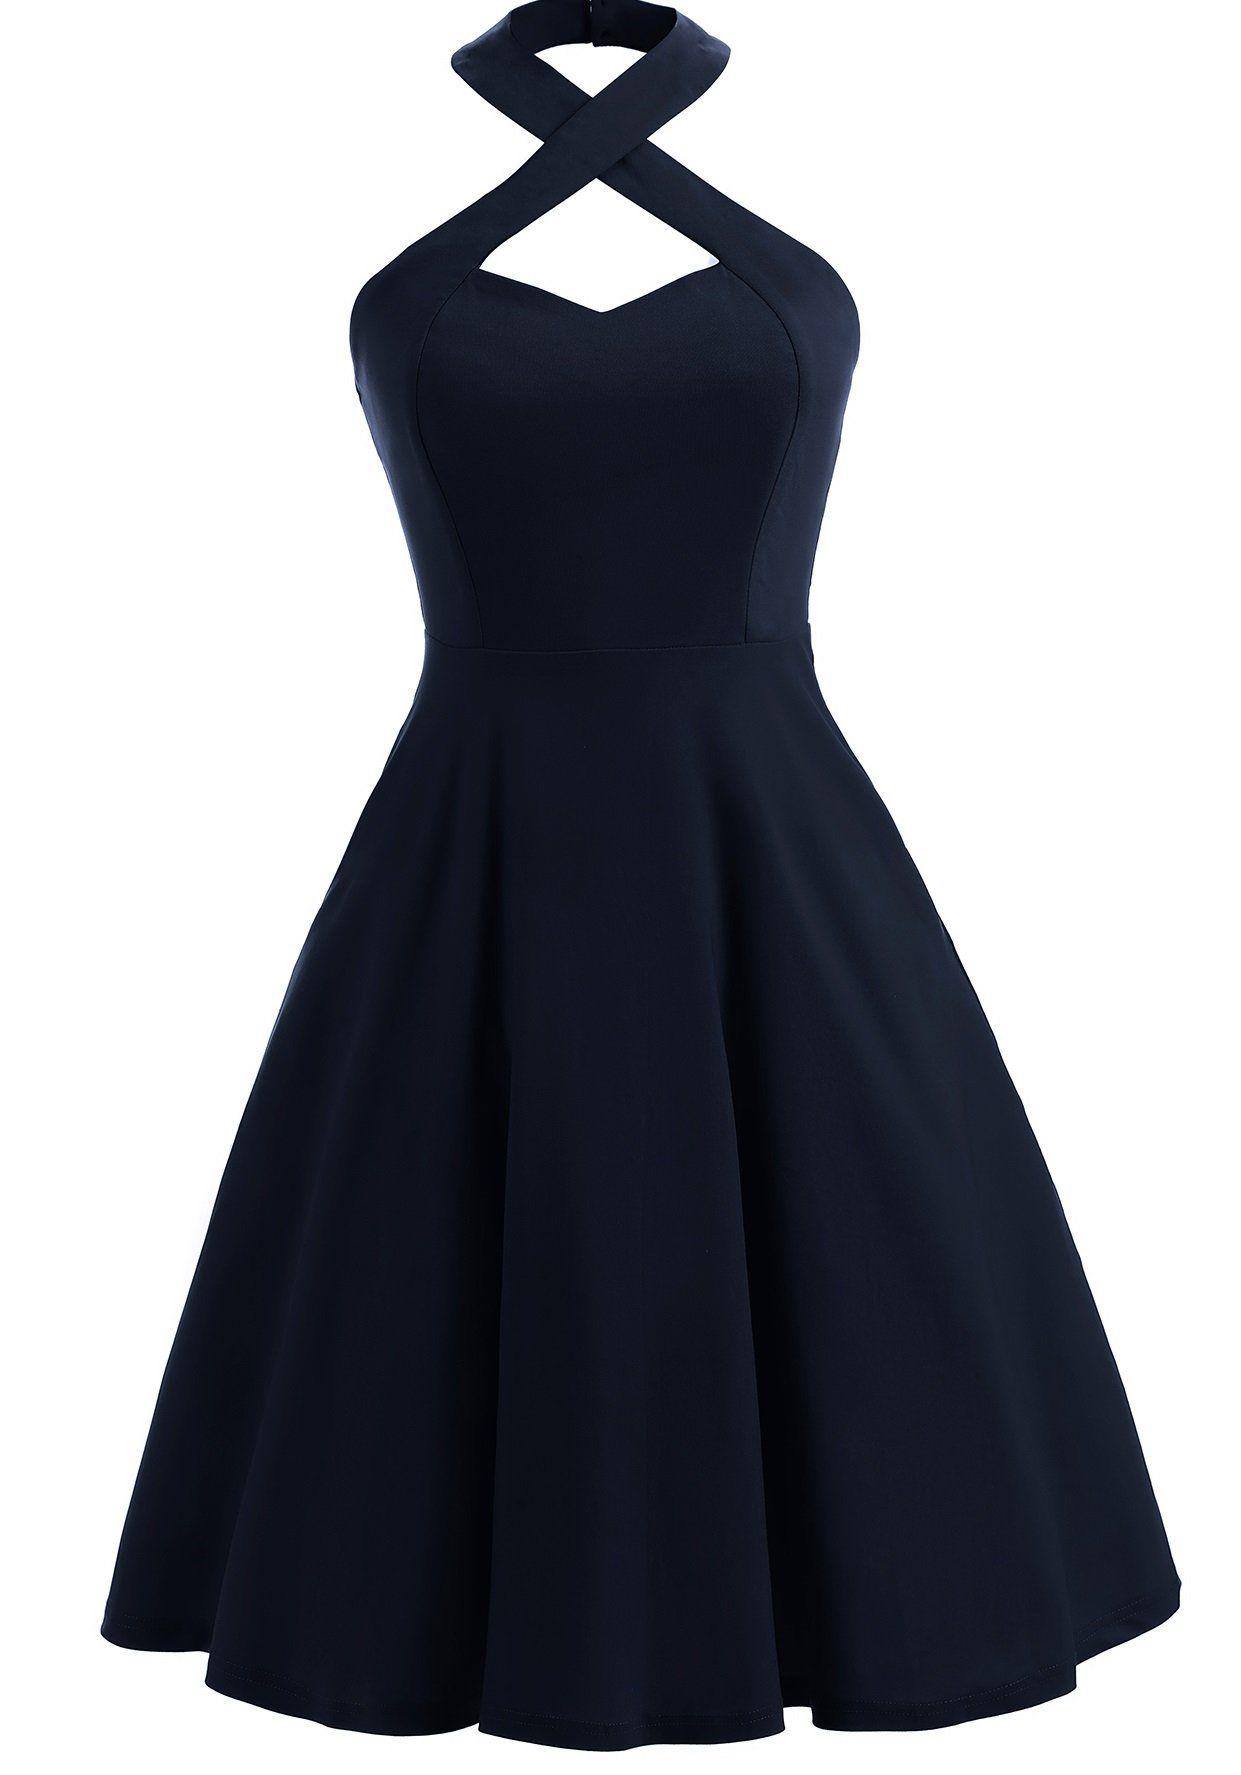 05b021ba0e4 Vintage Halter Skater Dress